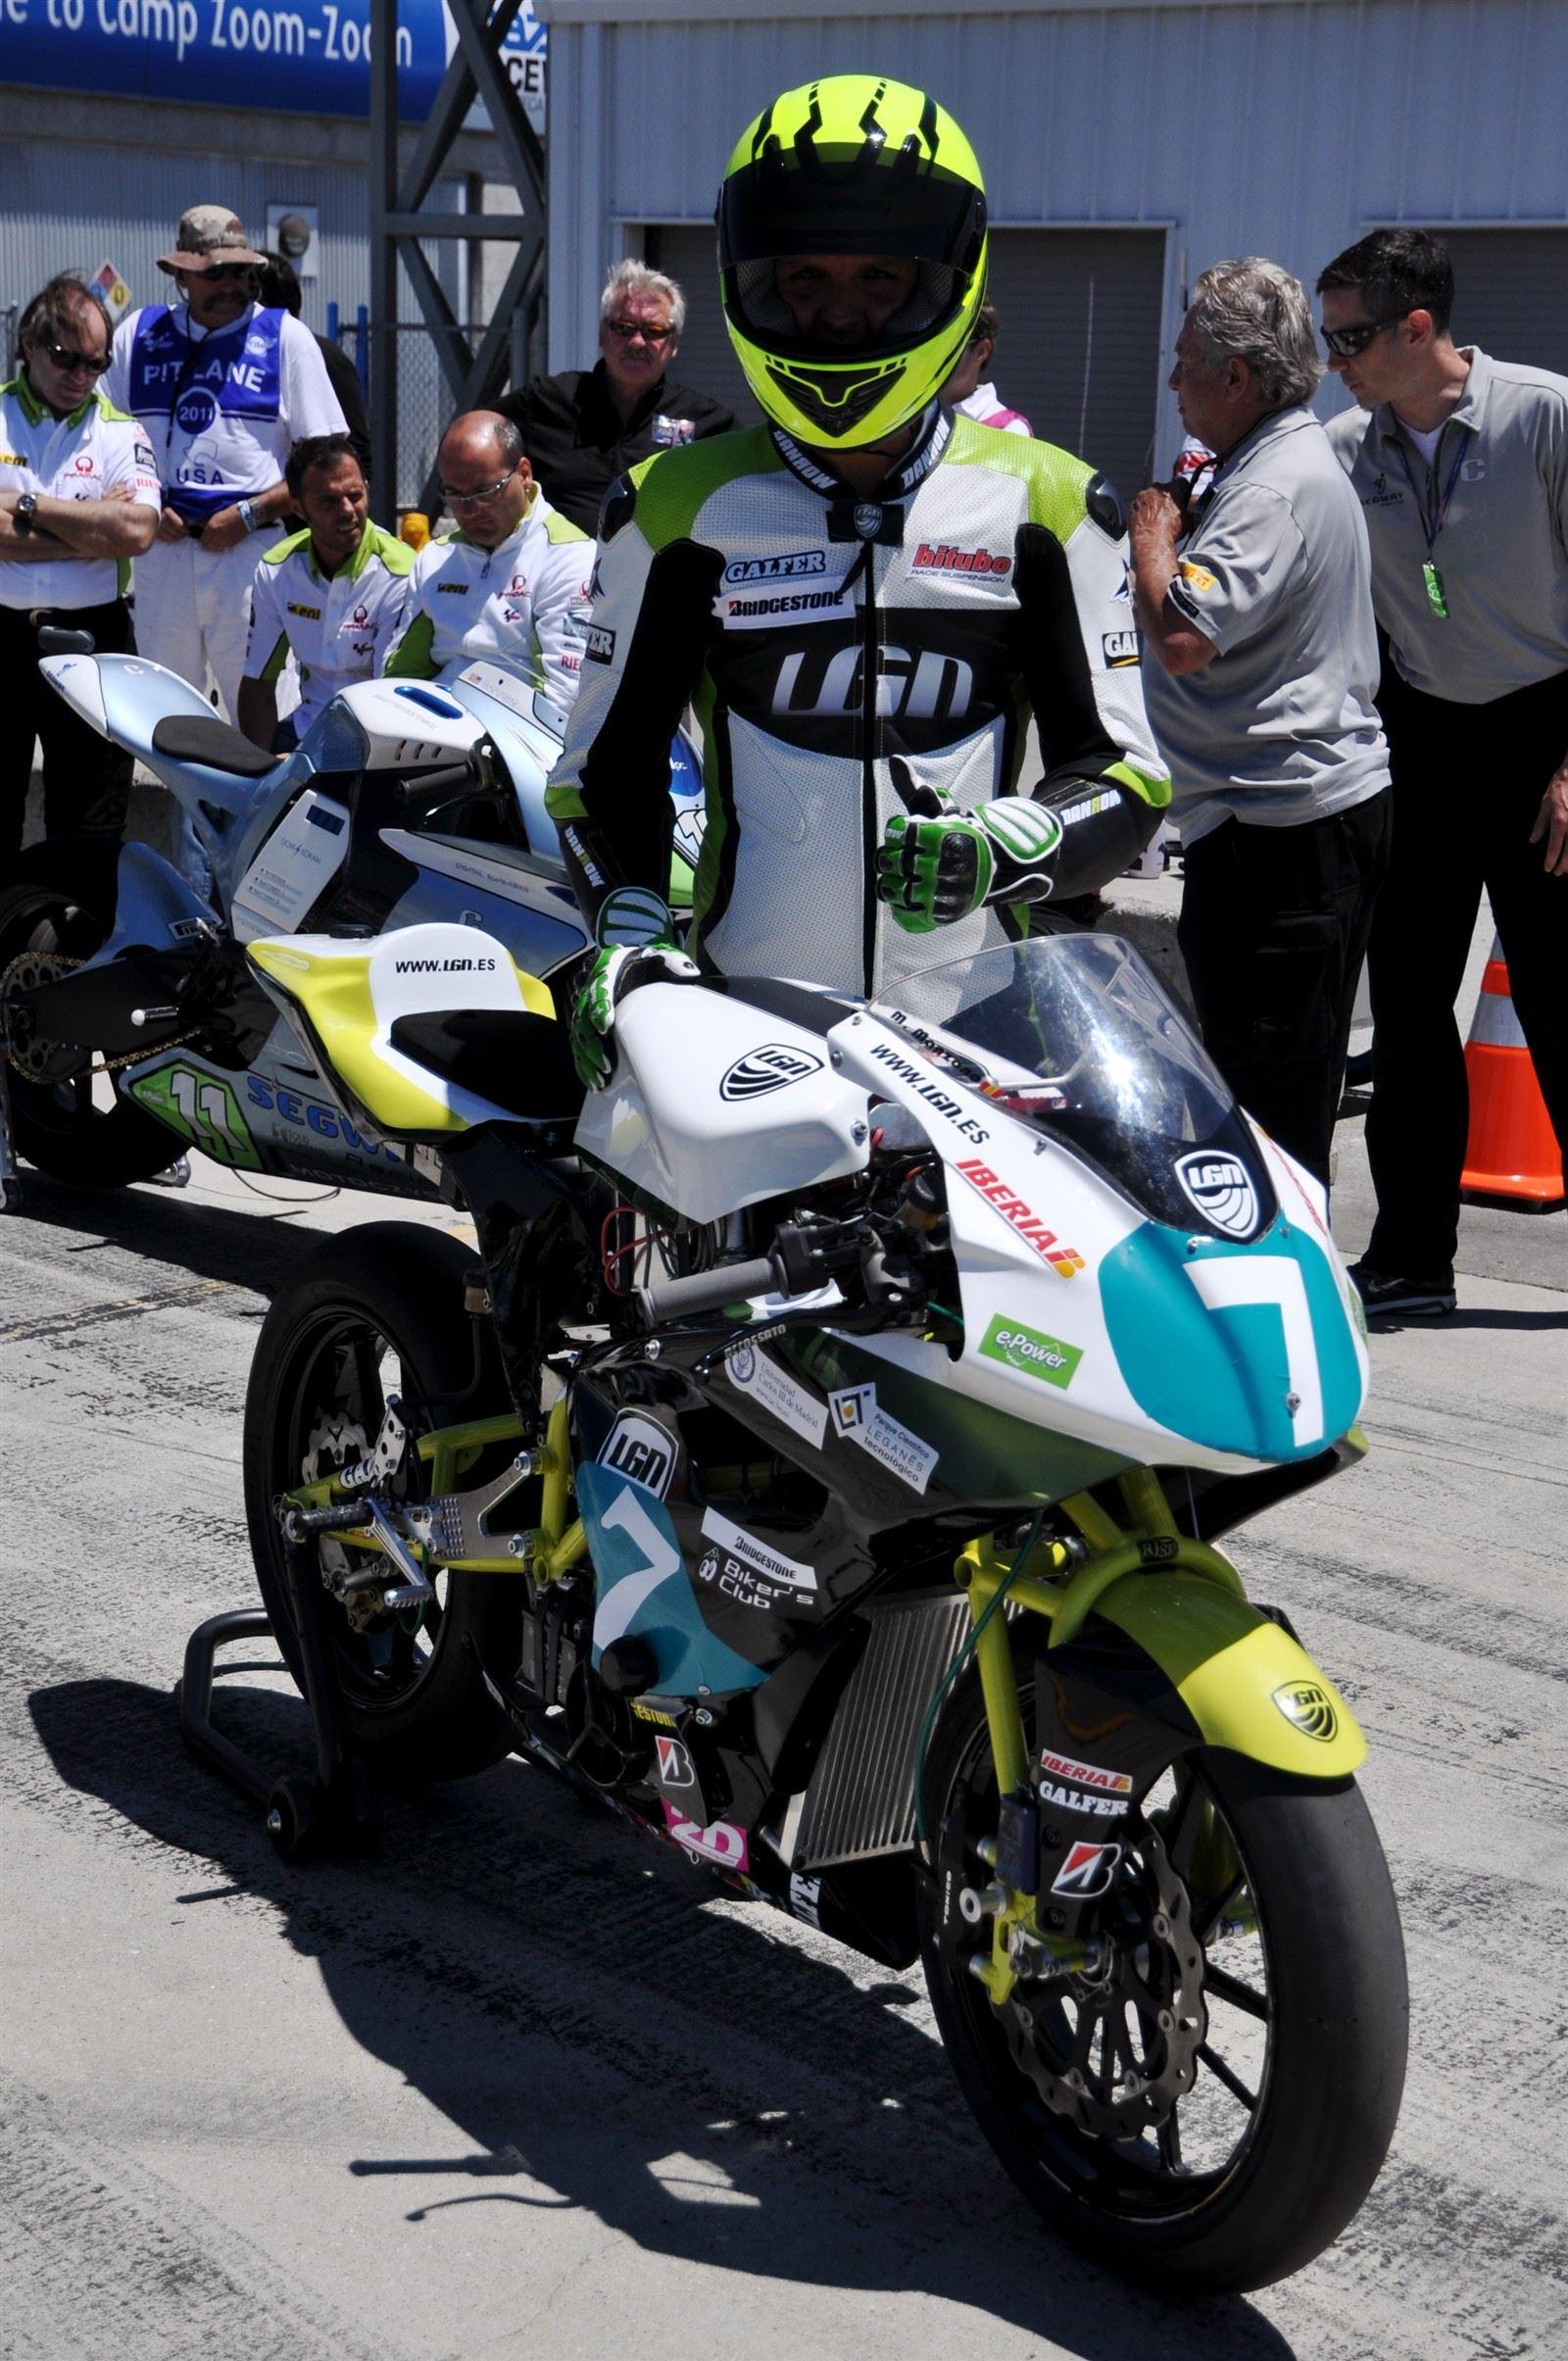 LGN Team Pilot Marcelino Manzano